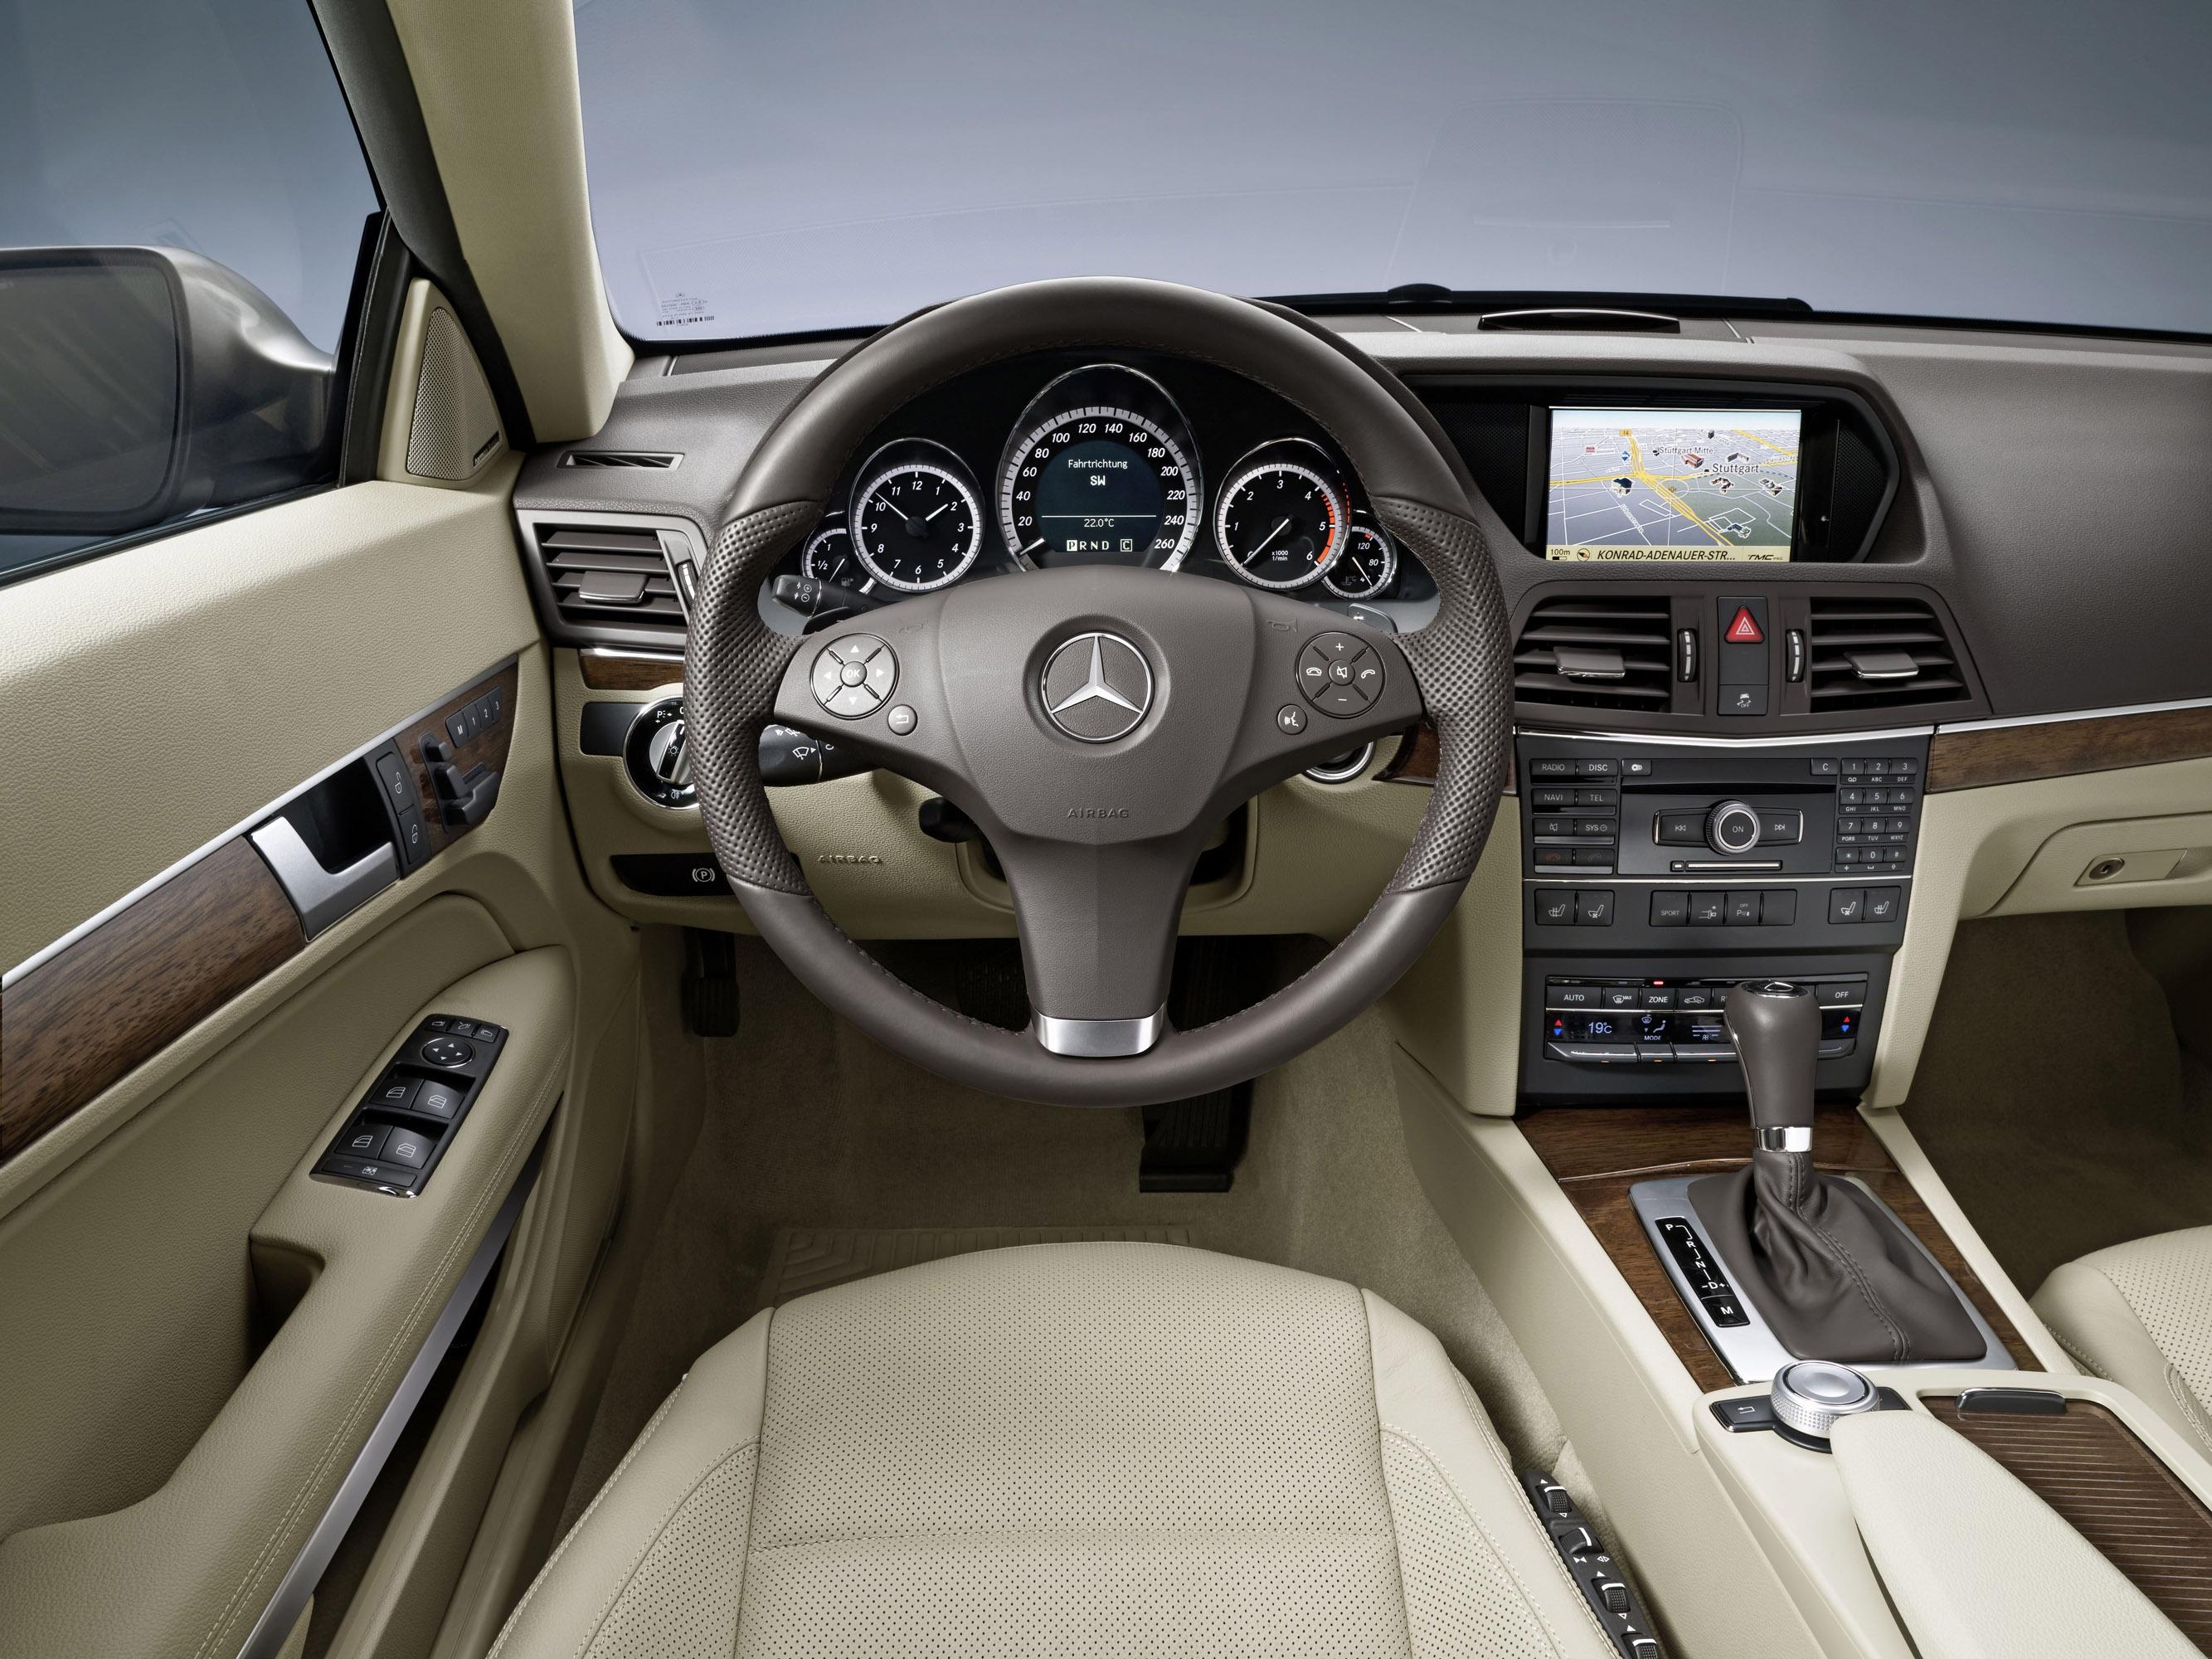 Mercedes-Benz E-350 CDI Coupe [фотографии автомобиля] - фотография №11